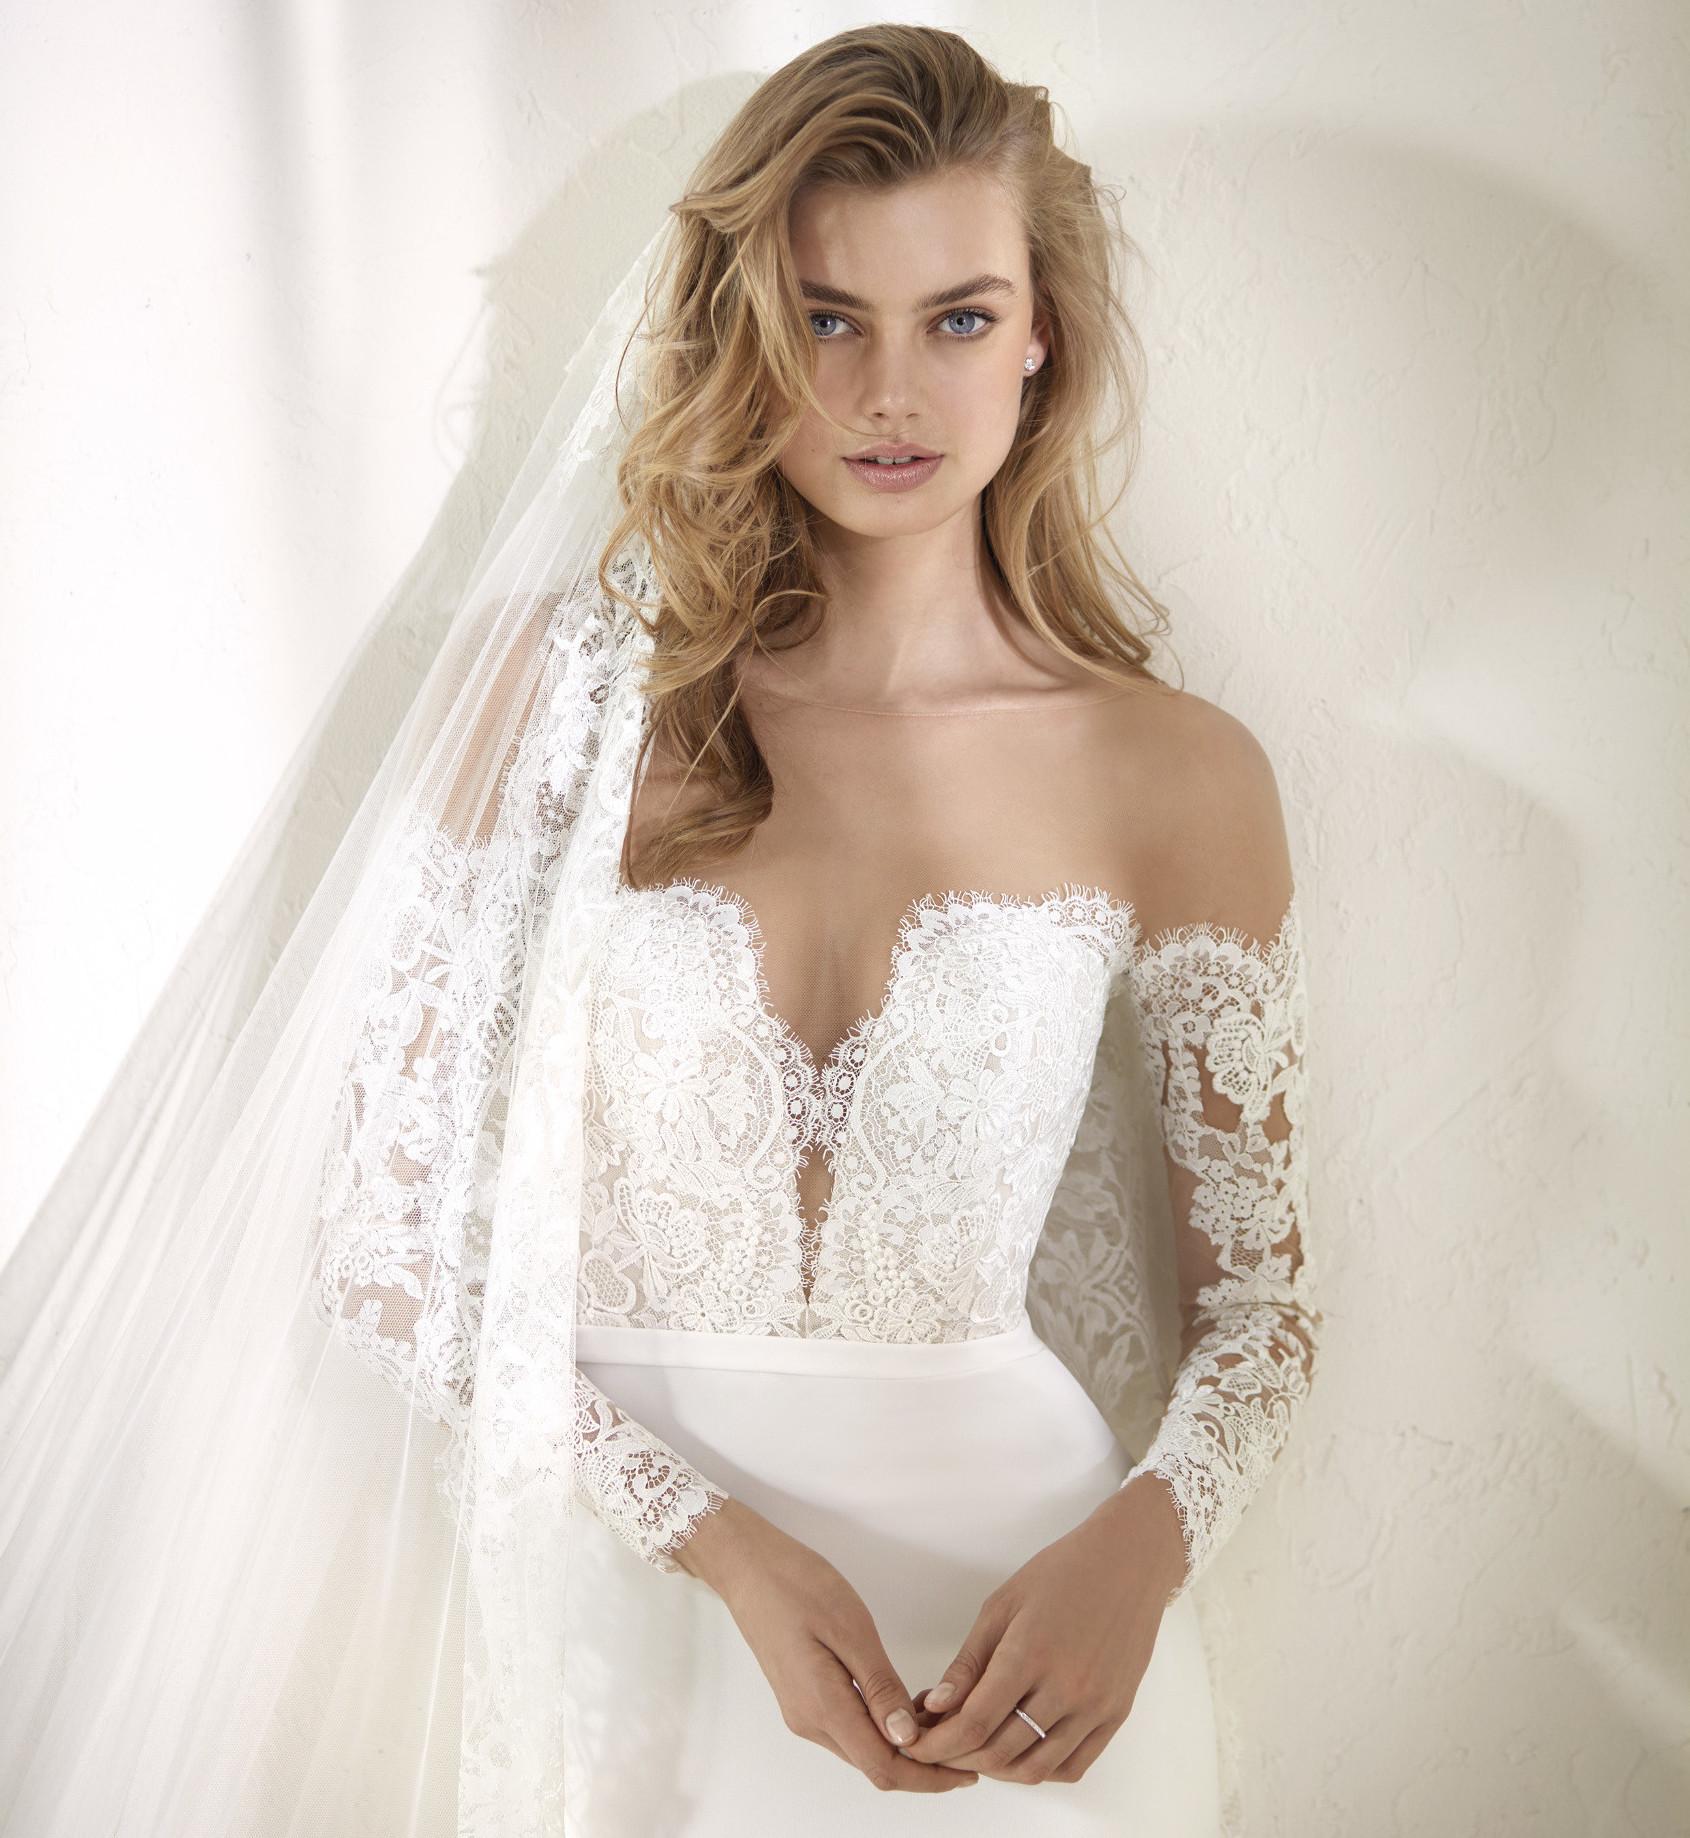 Elle Wedding Trendy Wiosna Lato 2019 Moda Modne Fryzury Buty